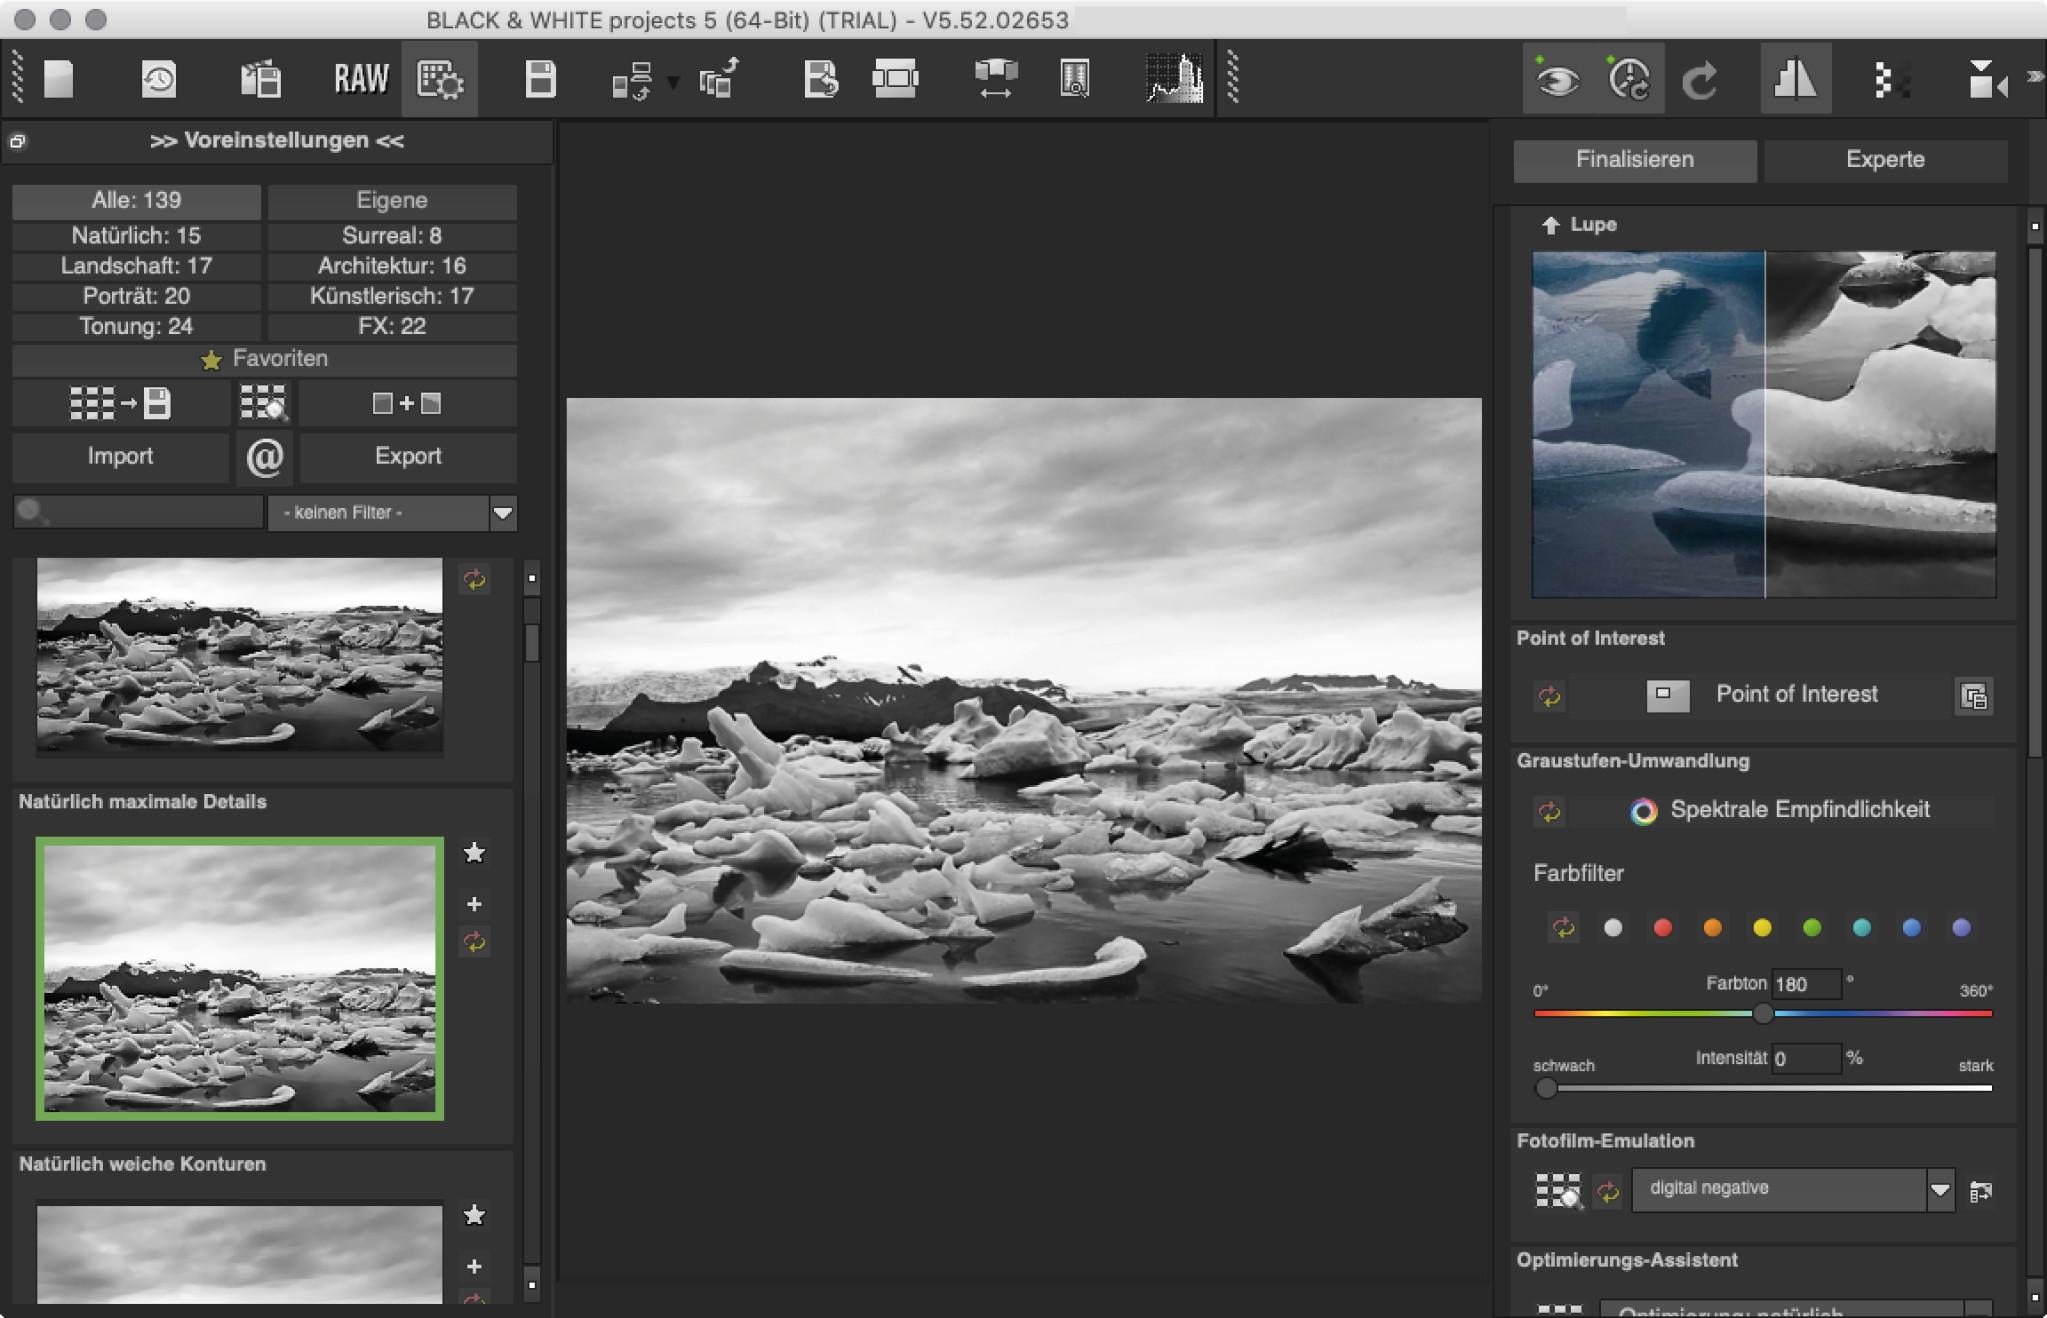 Screenshot 1 - Black & White Projects 5 – Kostenlose Vollversion (Mac)